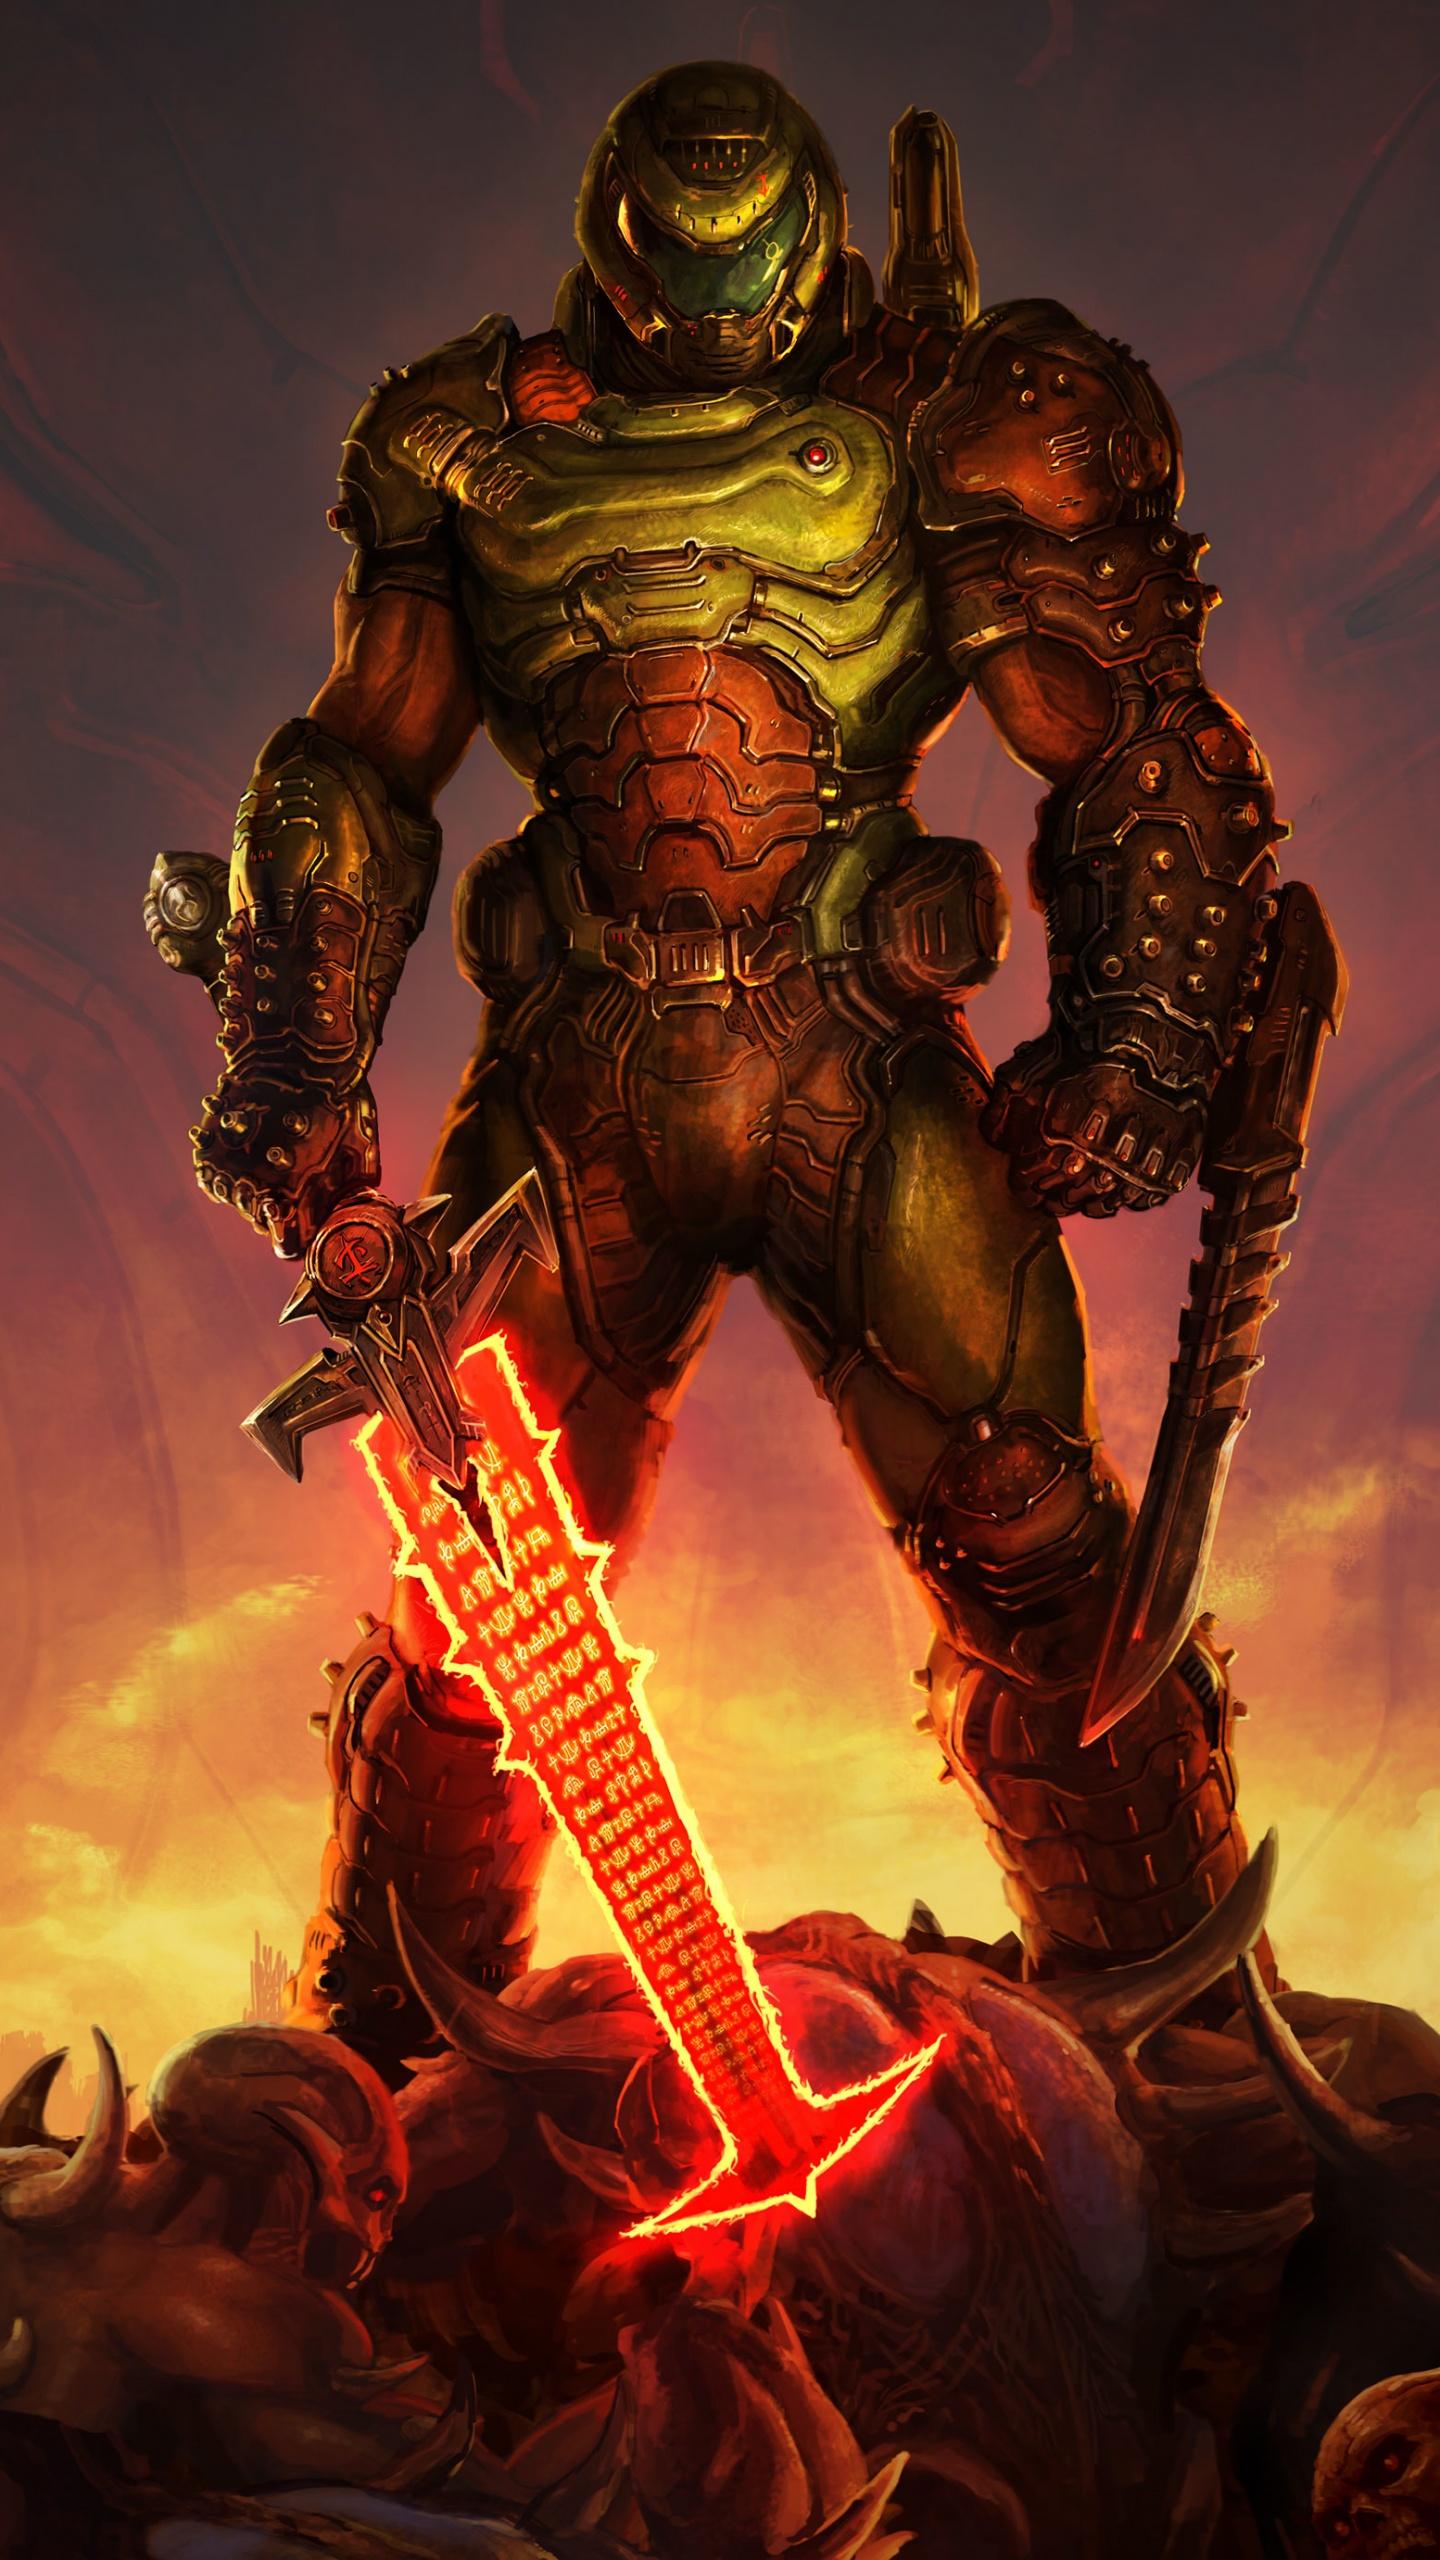 DOOM Eternal 4K Wallpaper, Doomguy, Doom Slayer, PC Games ...